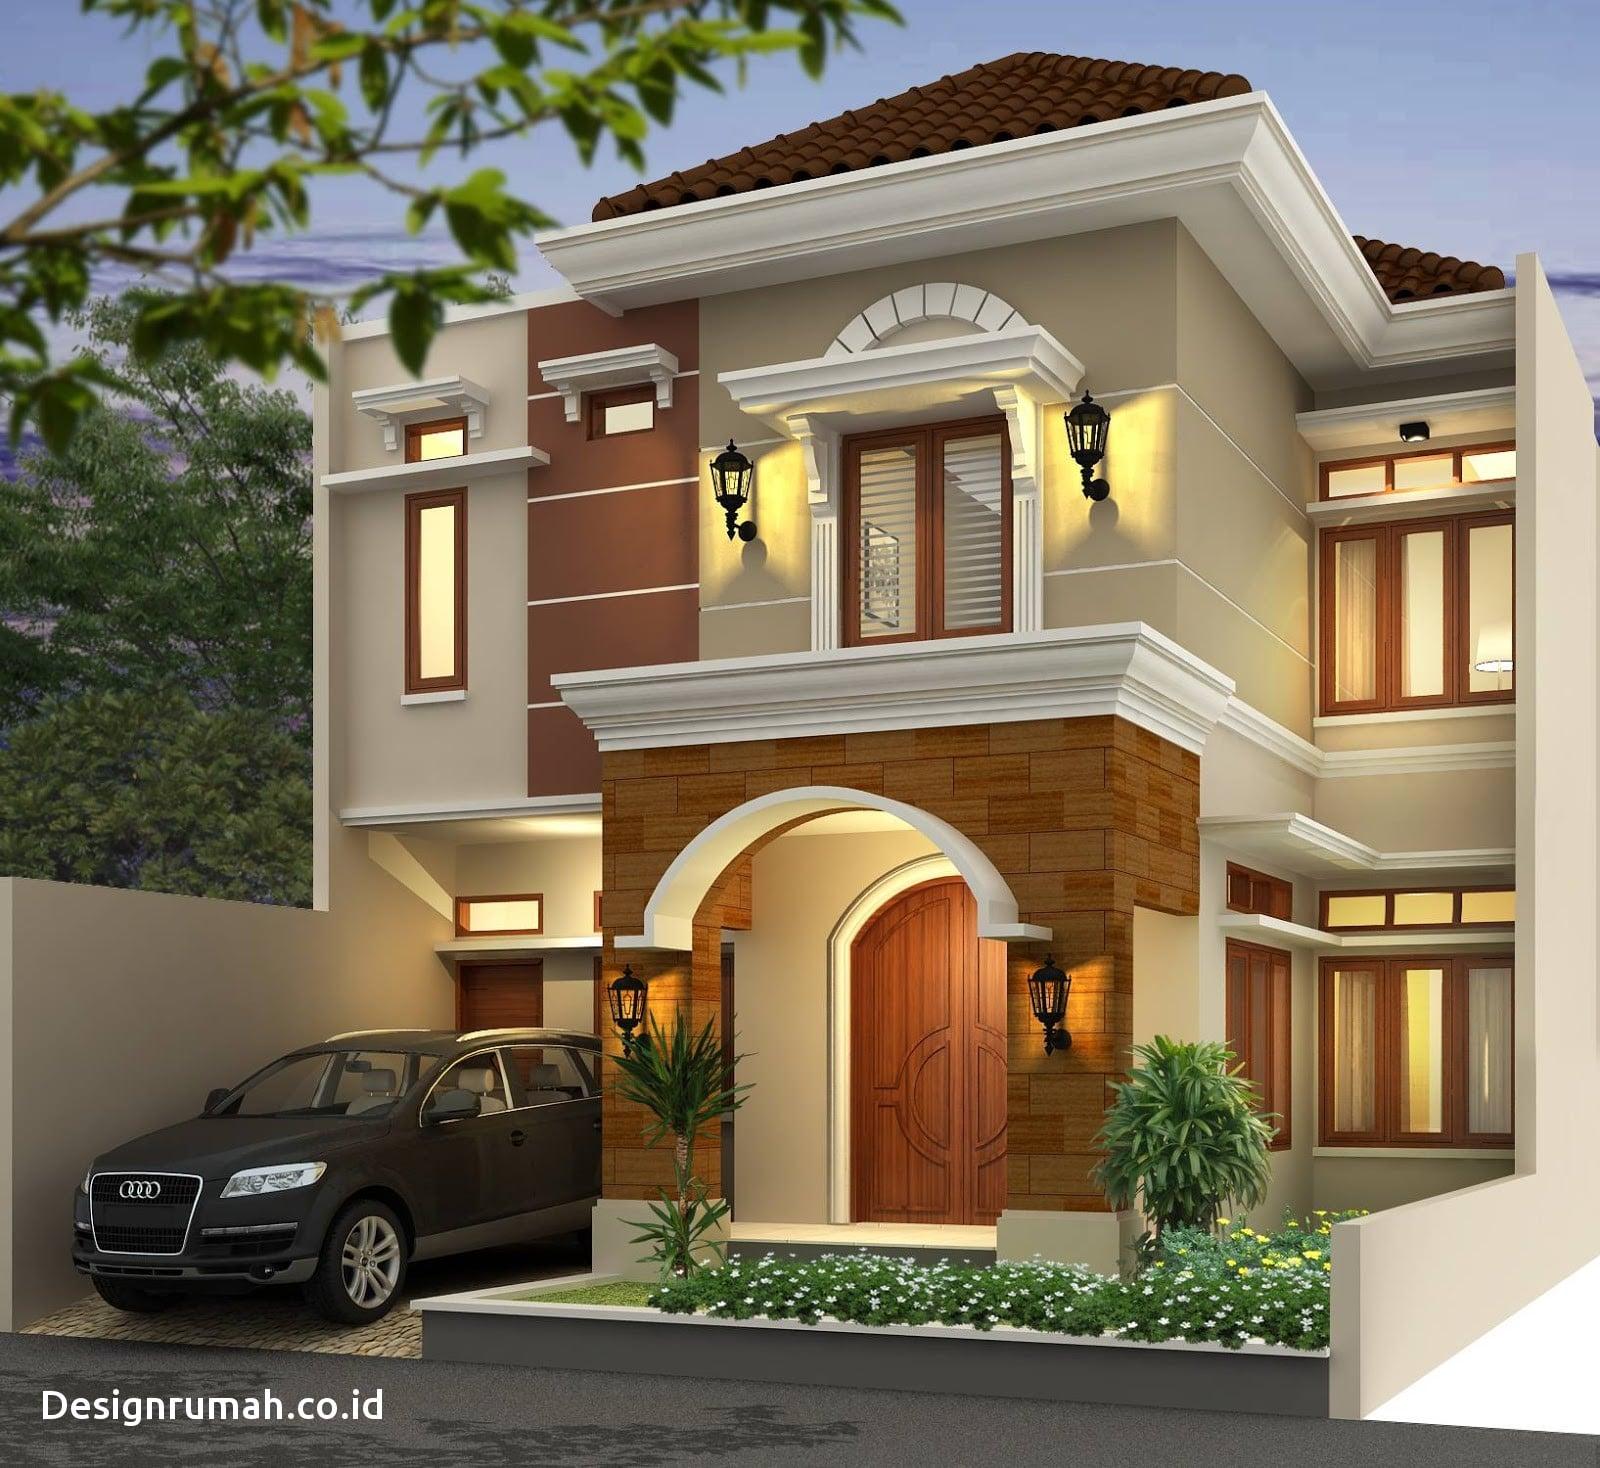 37 Inspirasi Desain Rumah Kampung Modern 2 Tingkat Terbaru dan Terlengkap